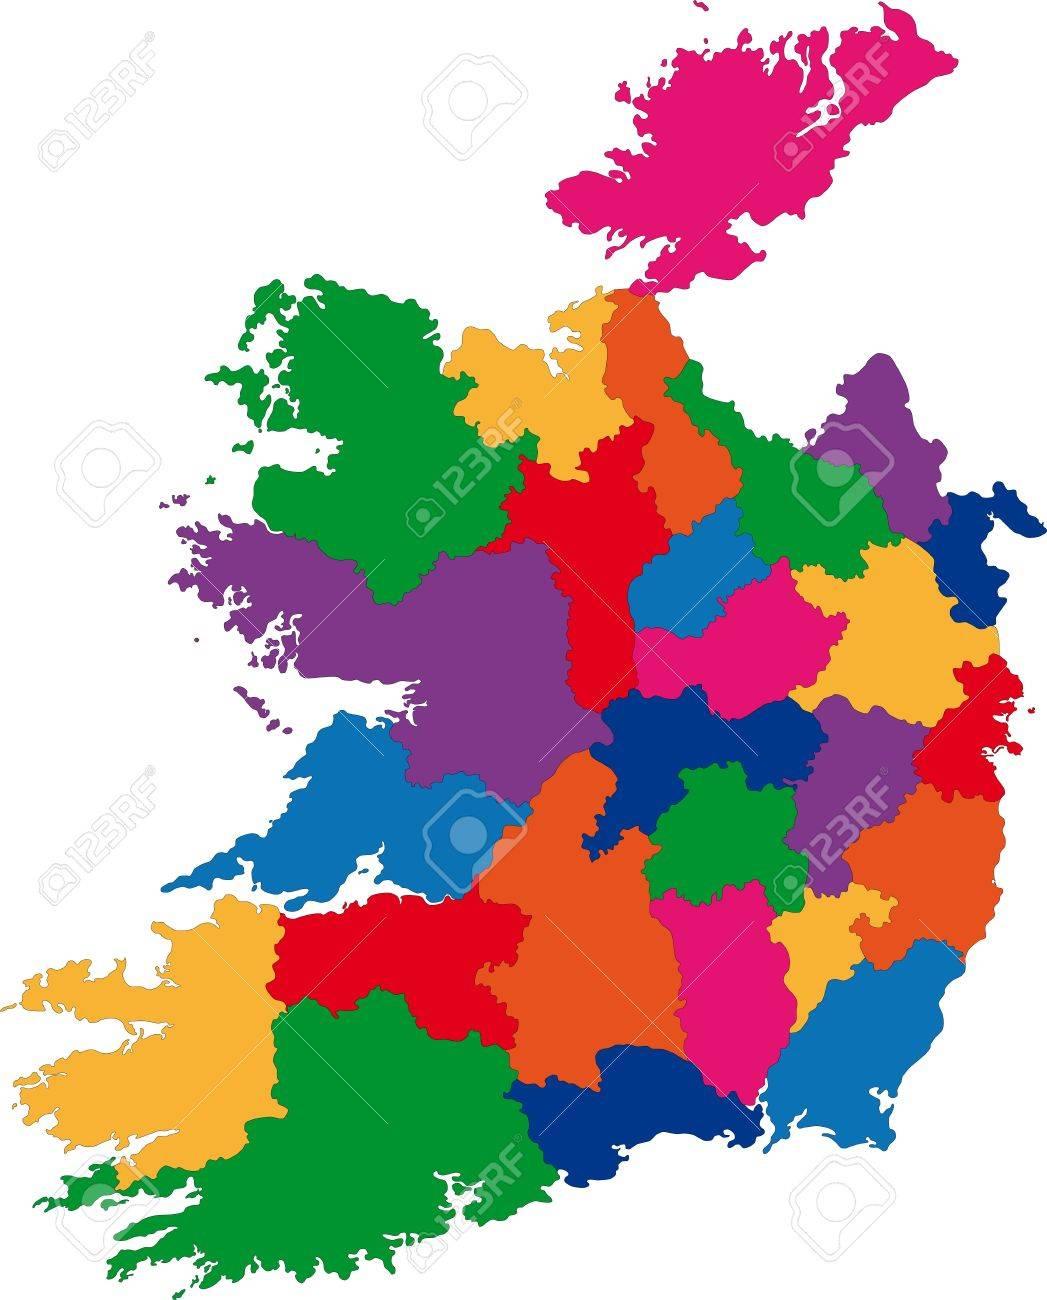 アイルランド共和国の地方行政区...